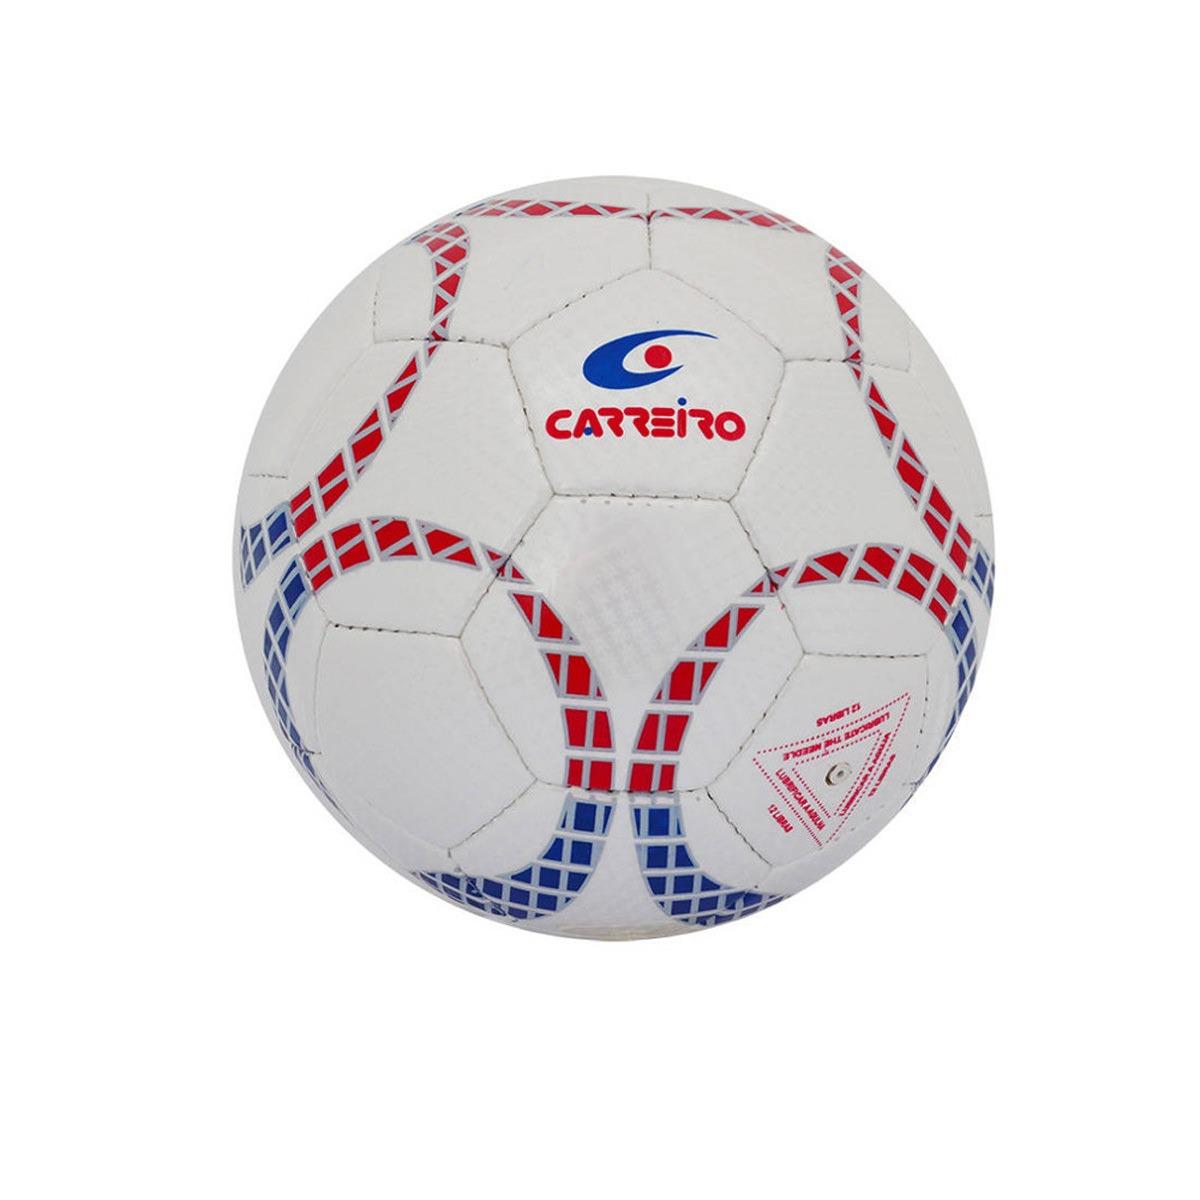 53e3fa3303 bola de campo original carreio 32 gomos costurada à mão. Carregando zoom.